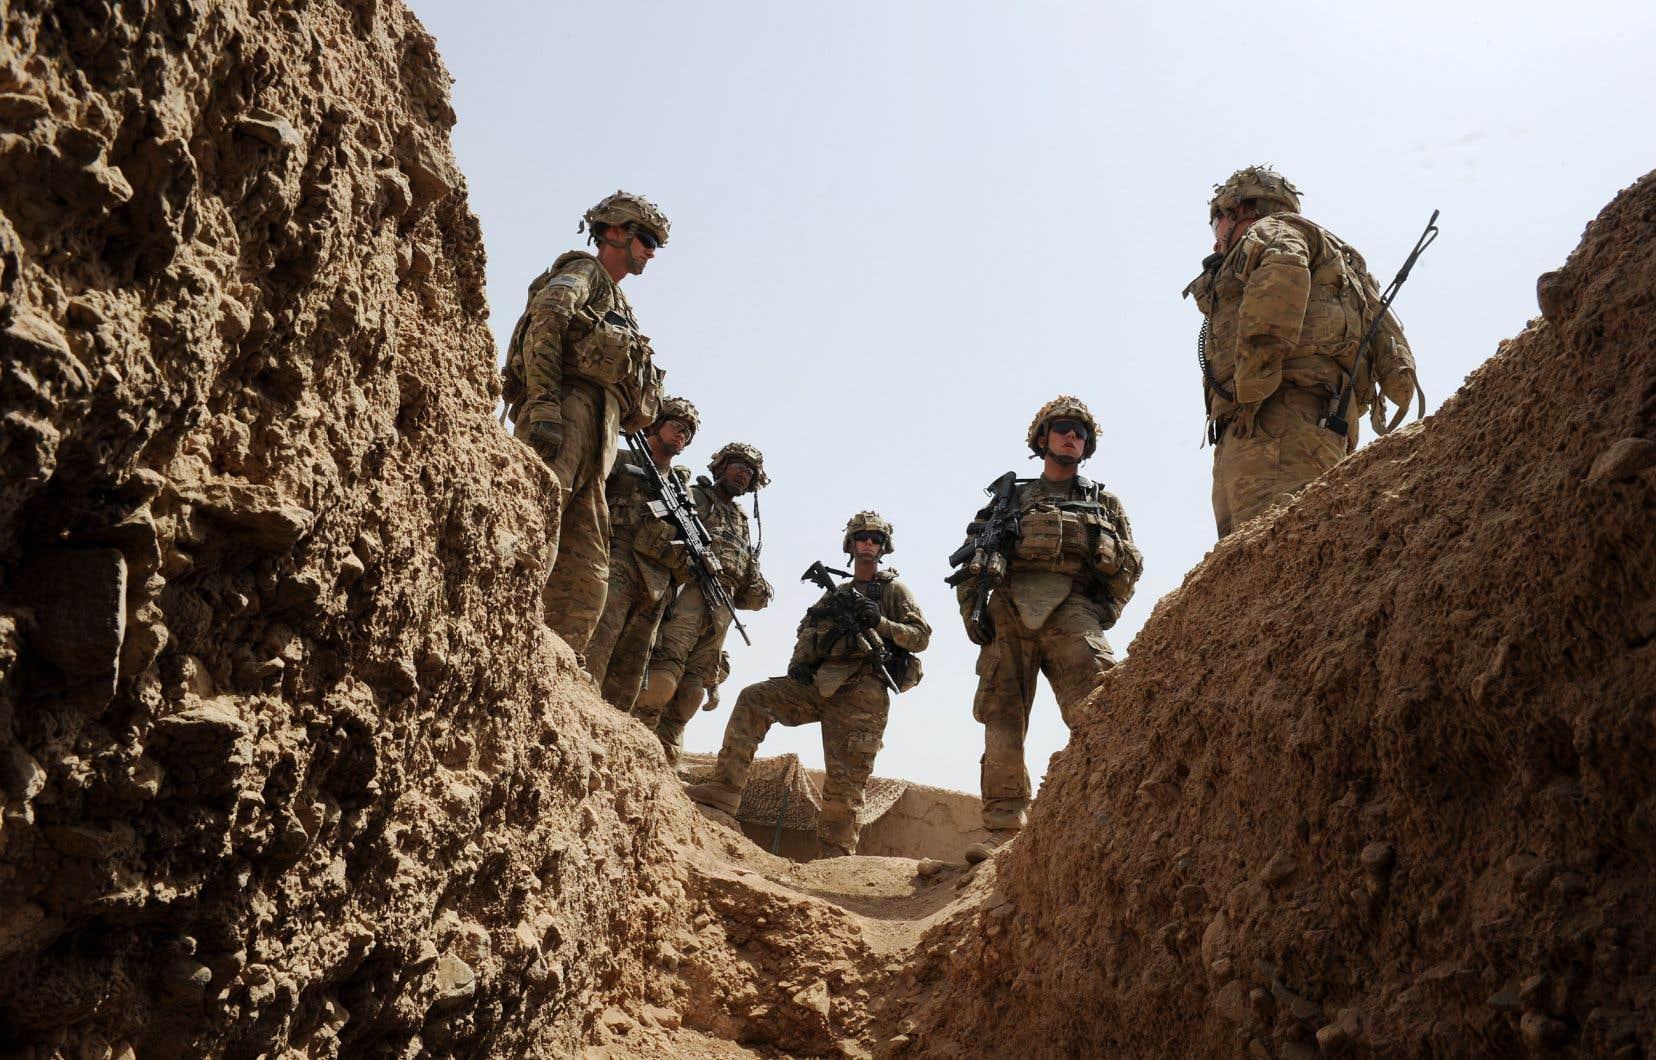 La procureure de la Cour, Fatou Bensouda, souhaite examiner non seulement des crimes présumés commis par des combattants talibans et les unités afghanes progouvernementales, mais aussi des crimes commis par les forces internationales, notamment les troupes américaines.